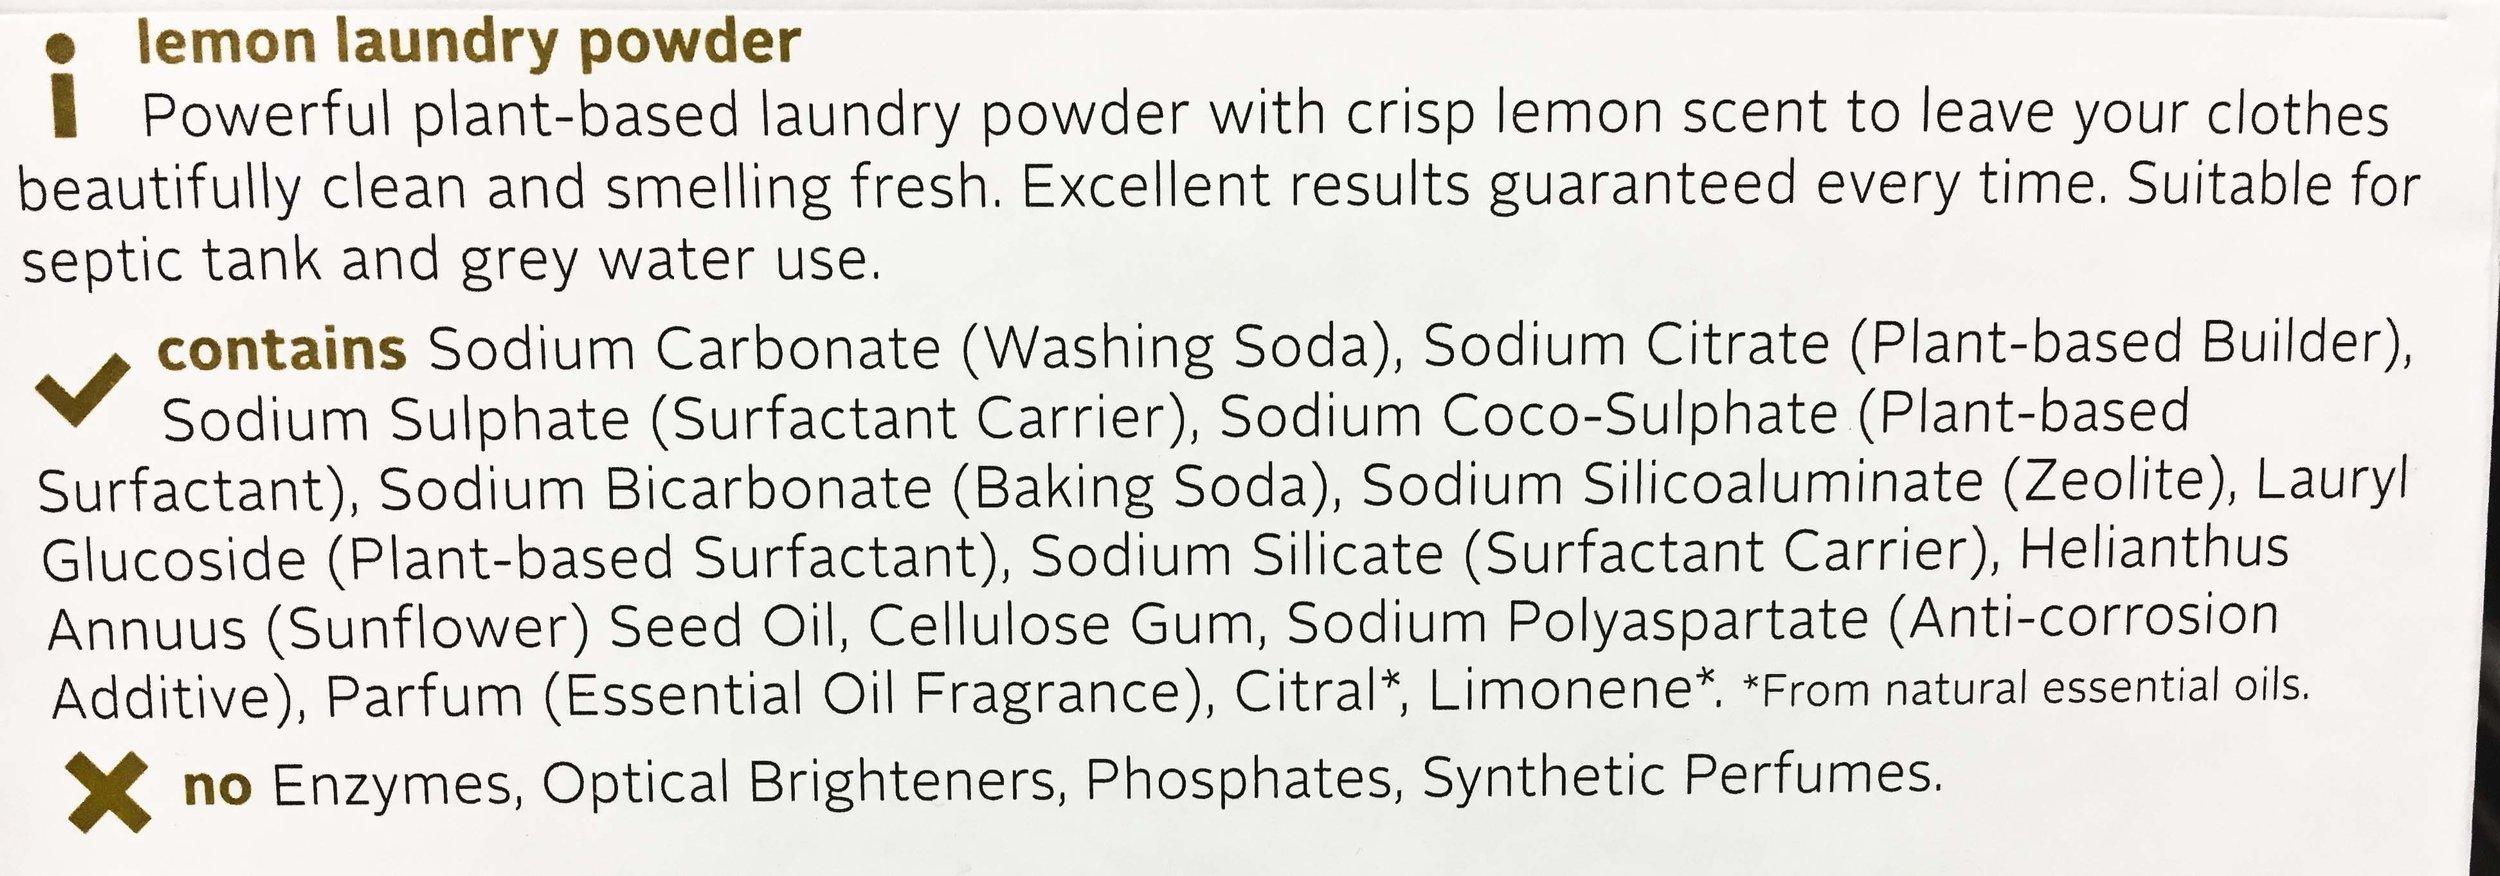 2_washing powder labels_4.jpg